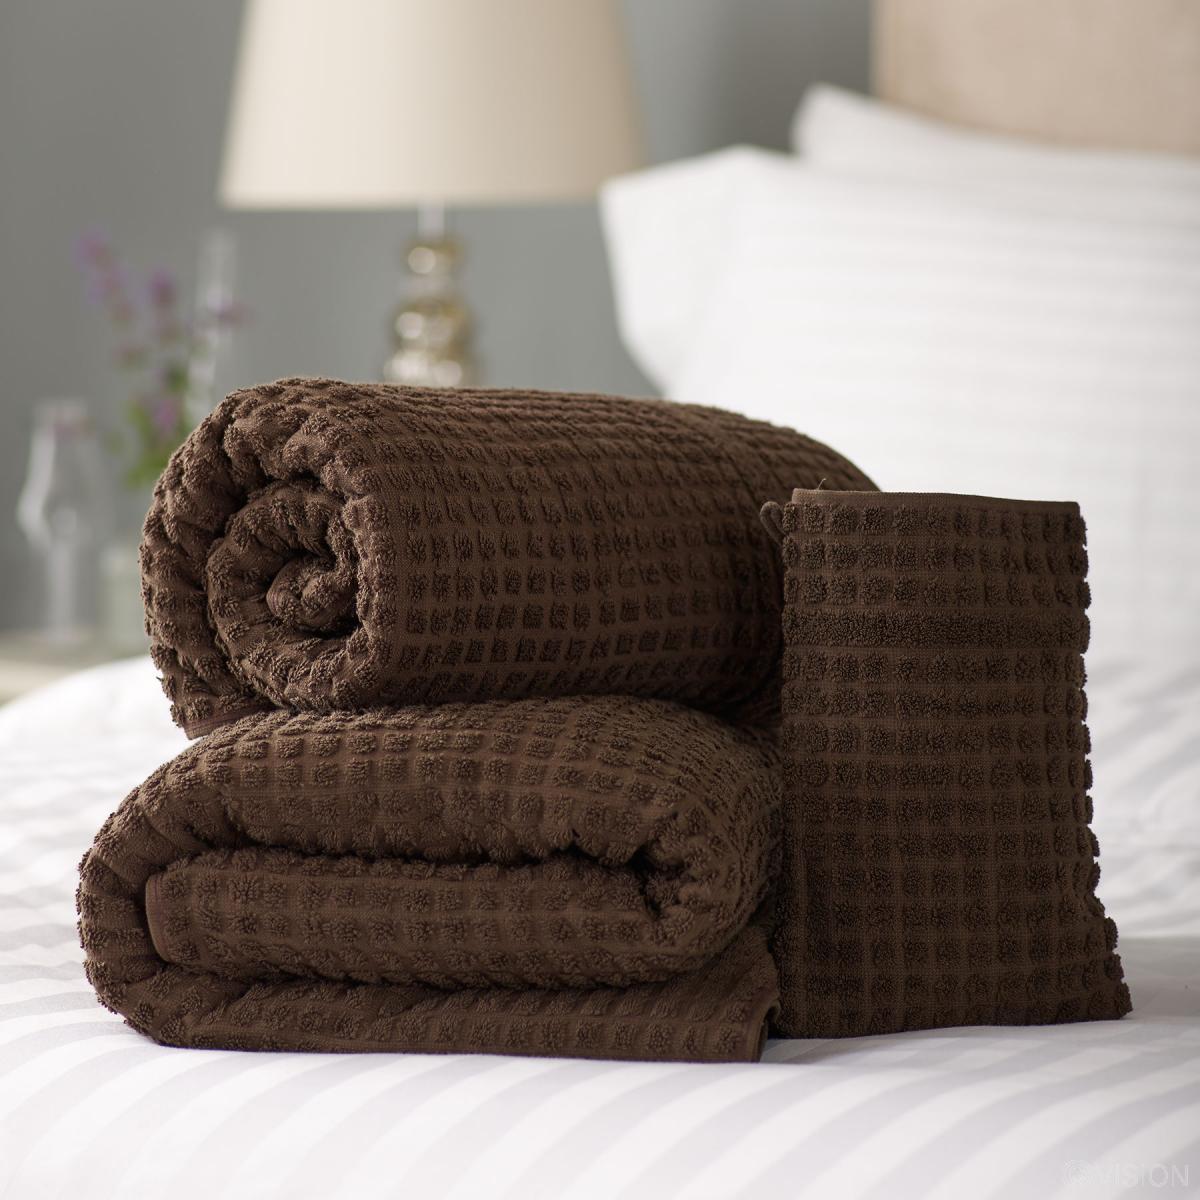 View Bath Towels Collection Details